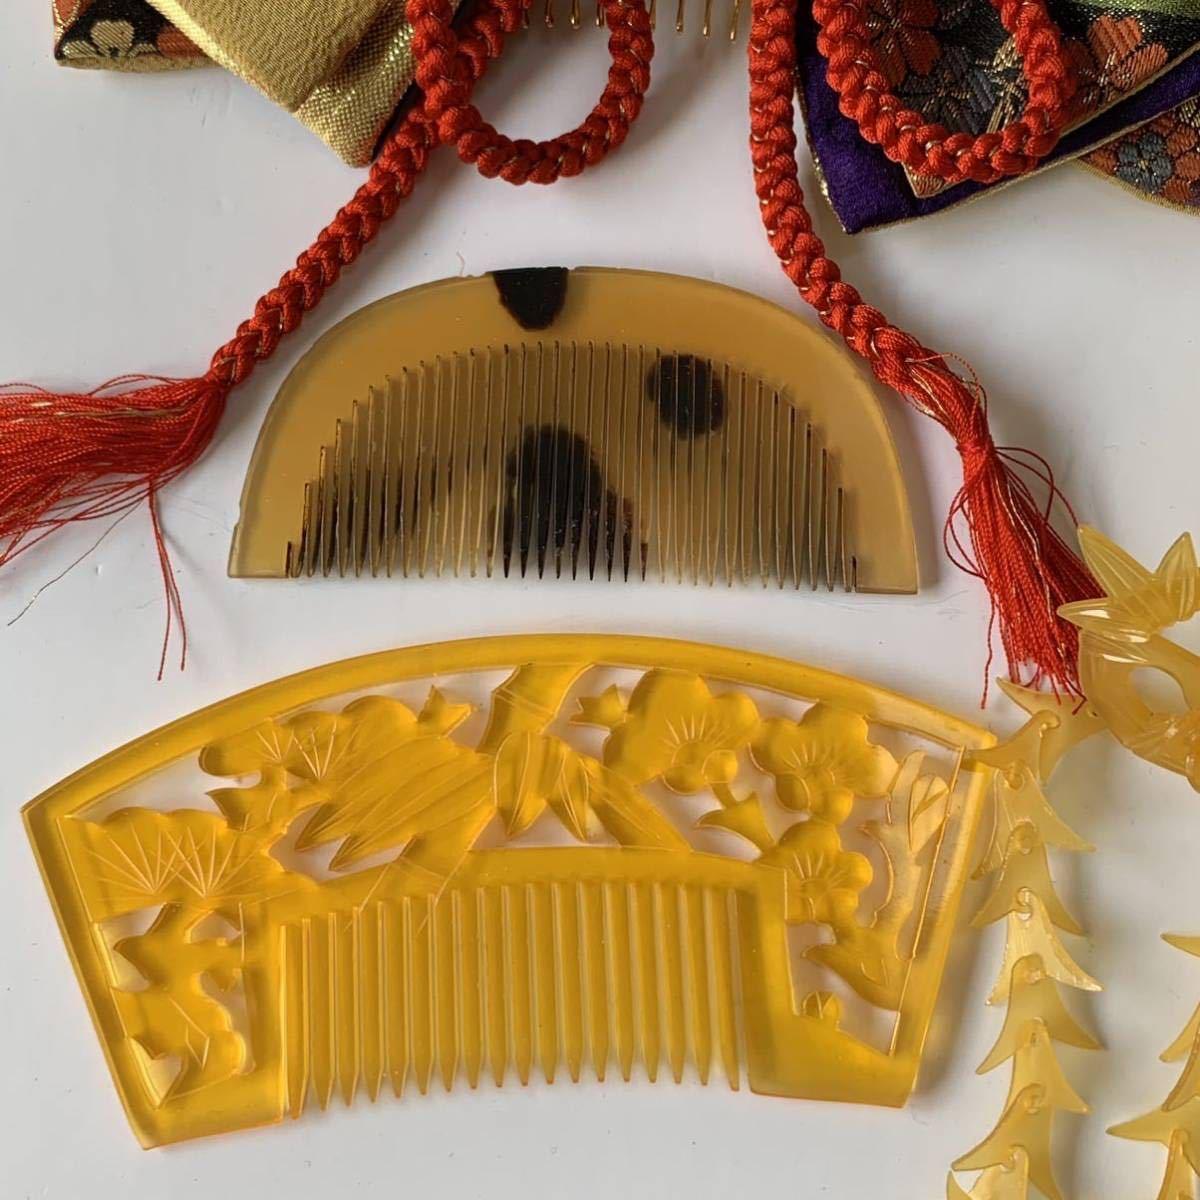 かんざし くし 和装小物 アンティーク レトロ 簪 櫛 螺鈿細工 鼈甲 螺鈿 着物 髪飾り_画像3